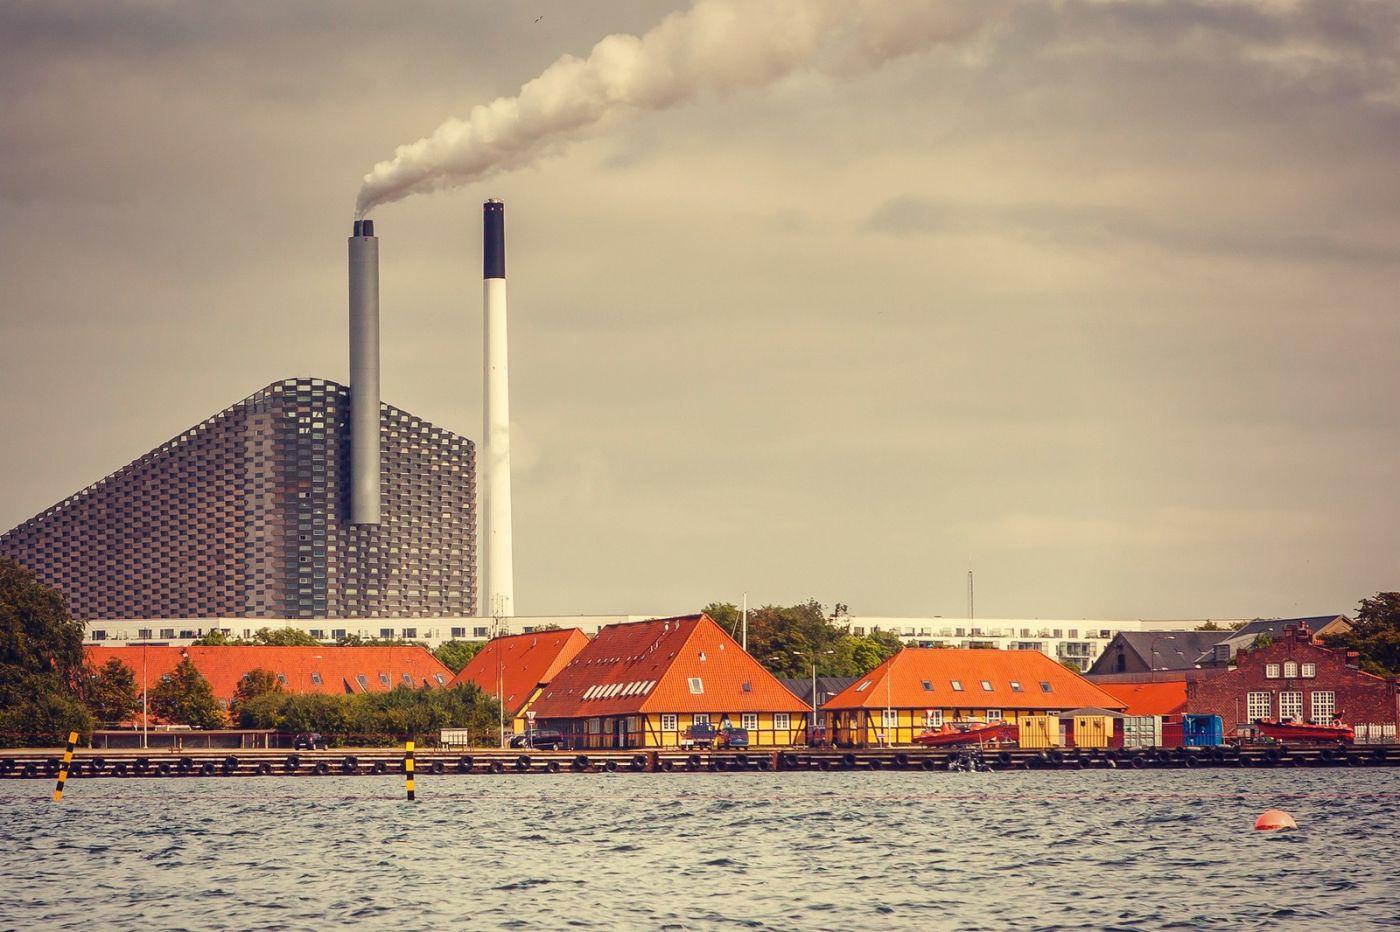 丹麦哥本哈根,新旧融合的城市_图1-29